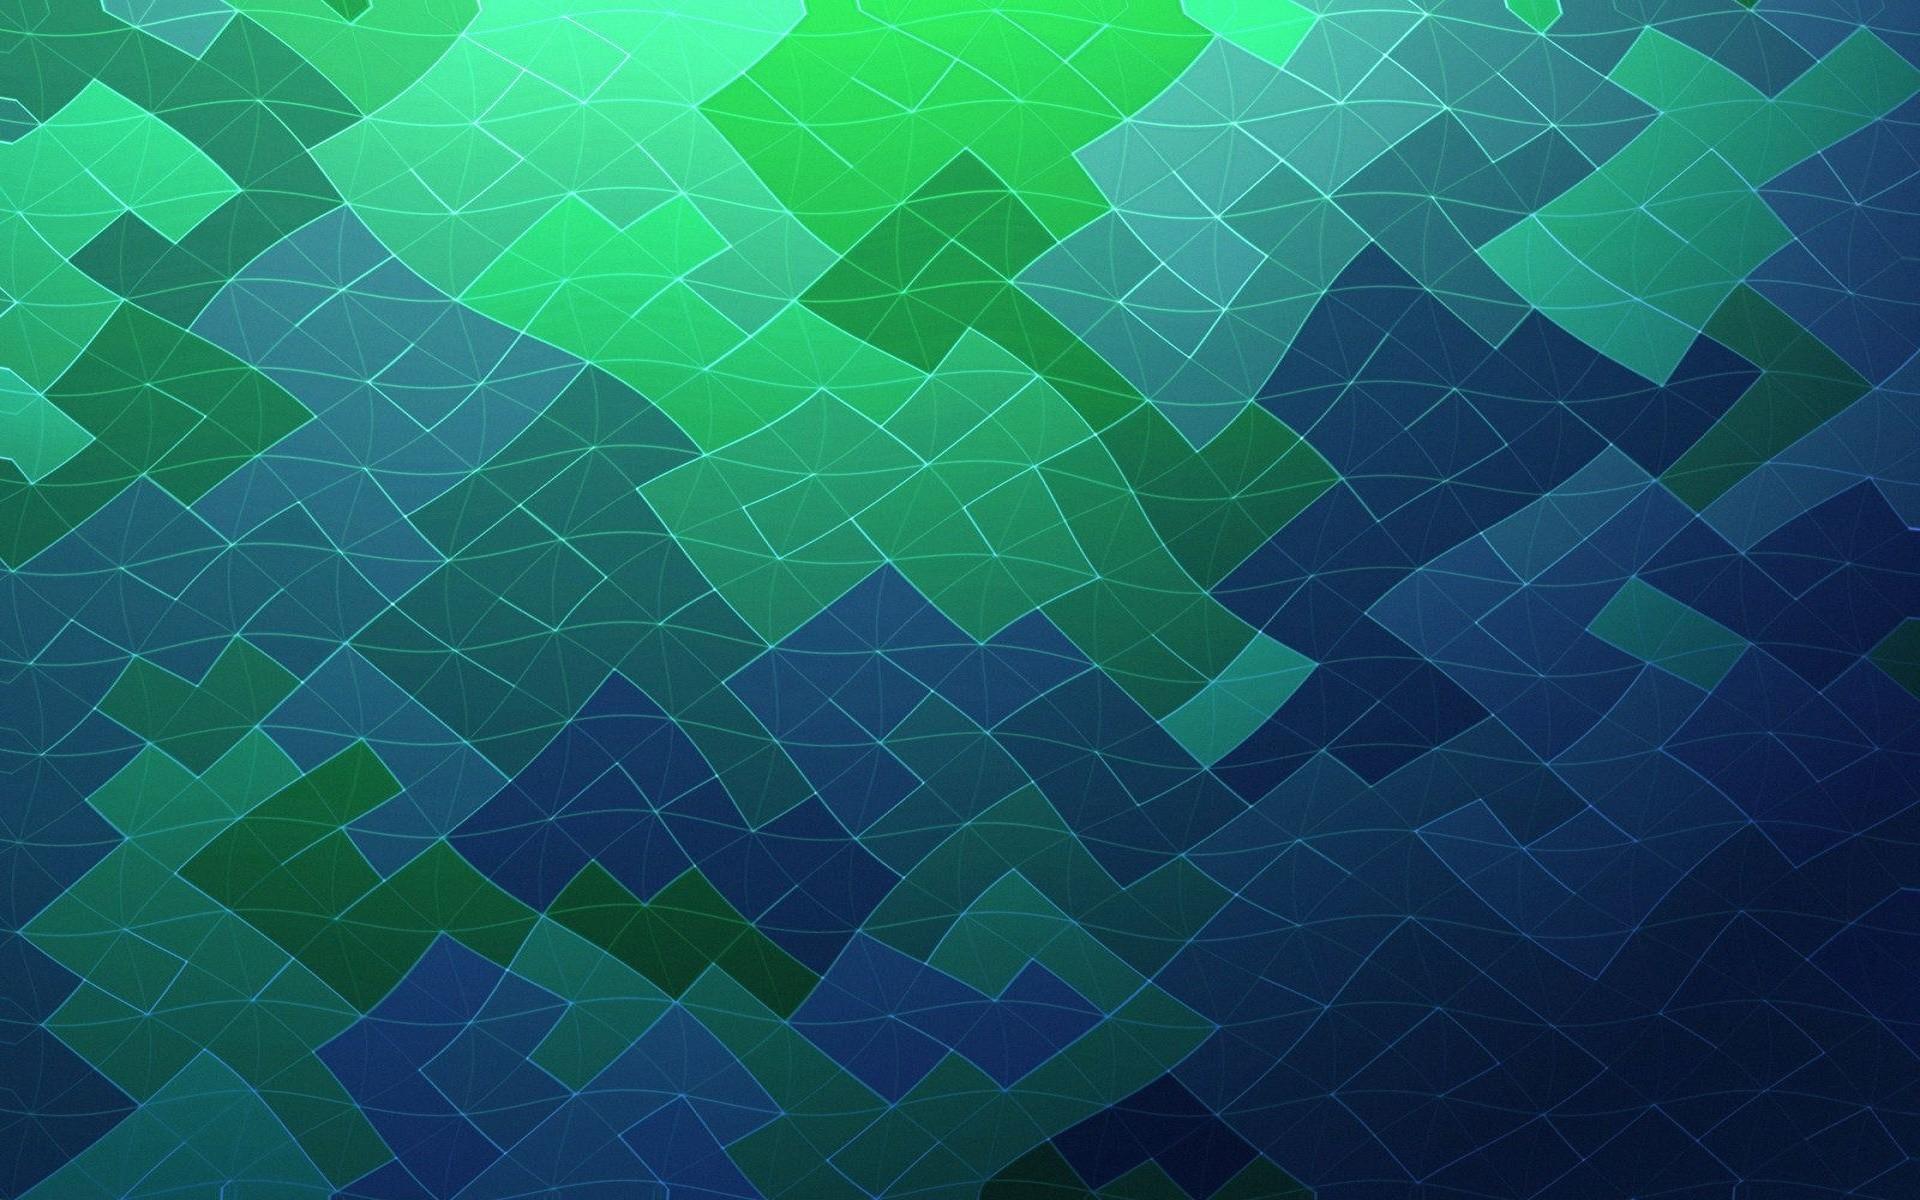 Desktop nexus wallpapers